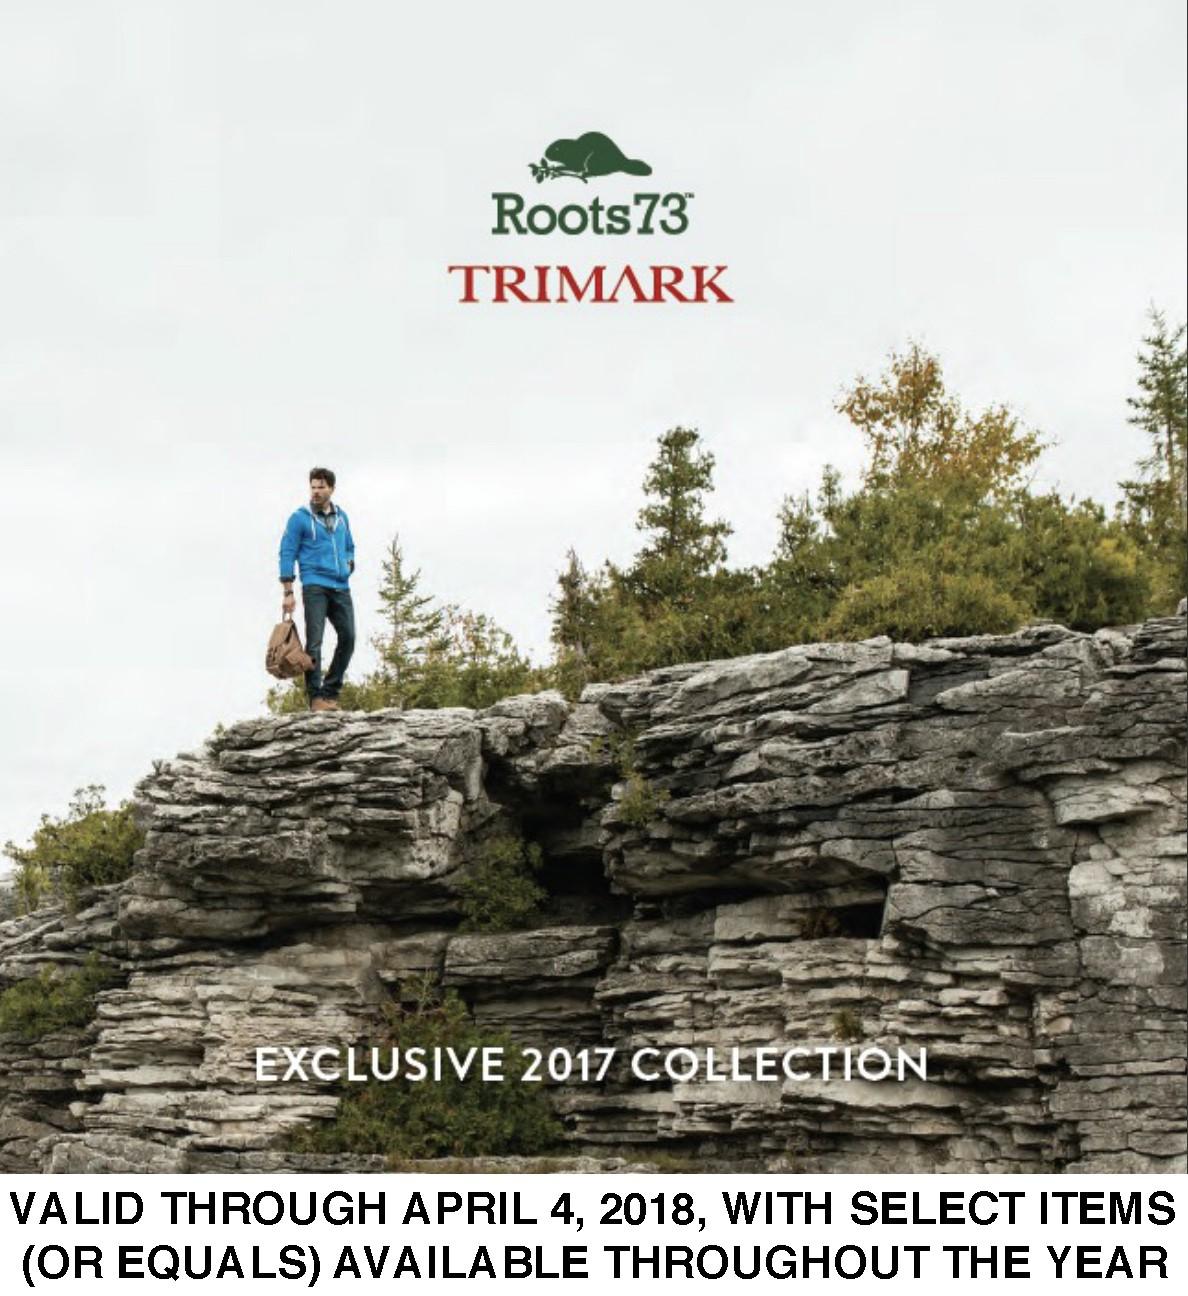 TriMark Roots73 2017-2018 US